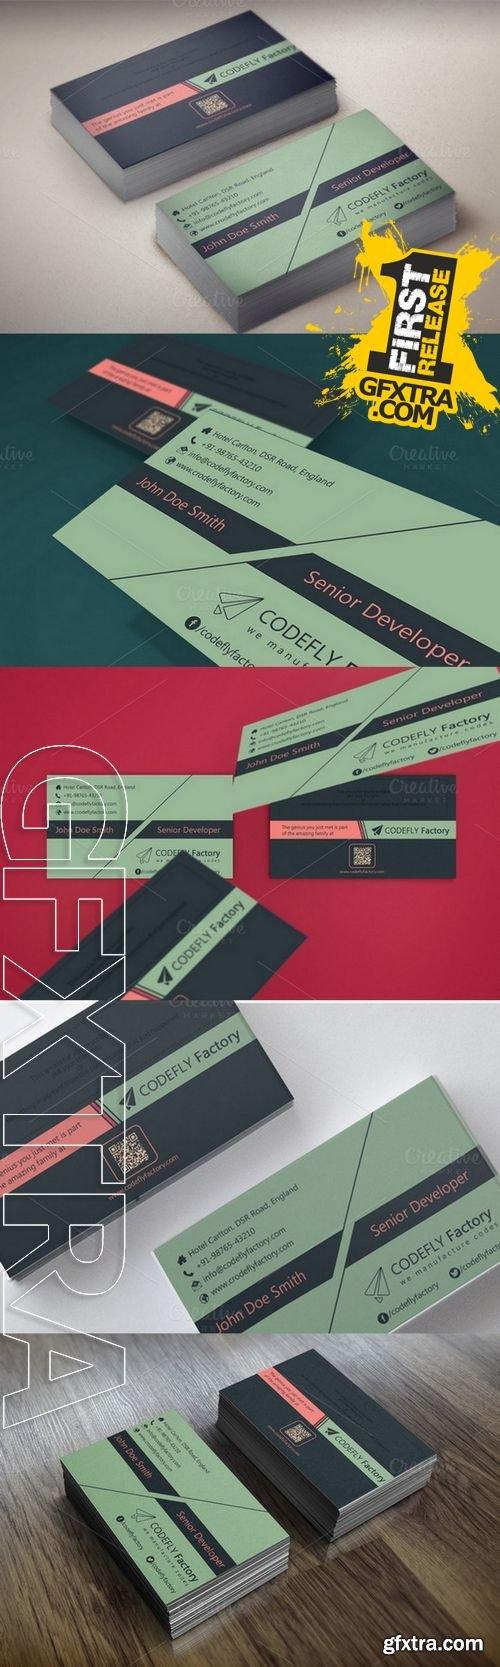 Cherish - Modern Clean Corporate - CM 137345